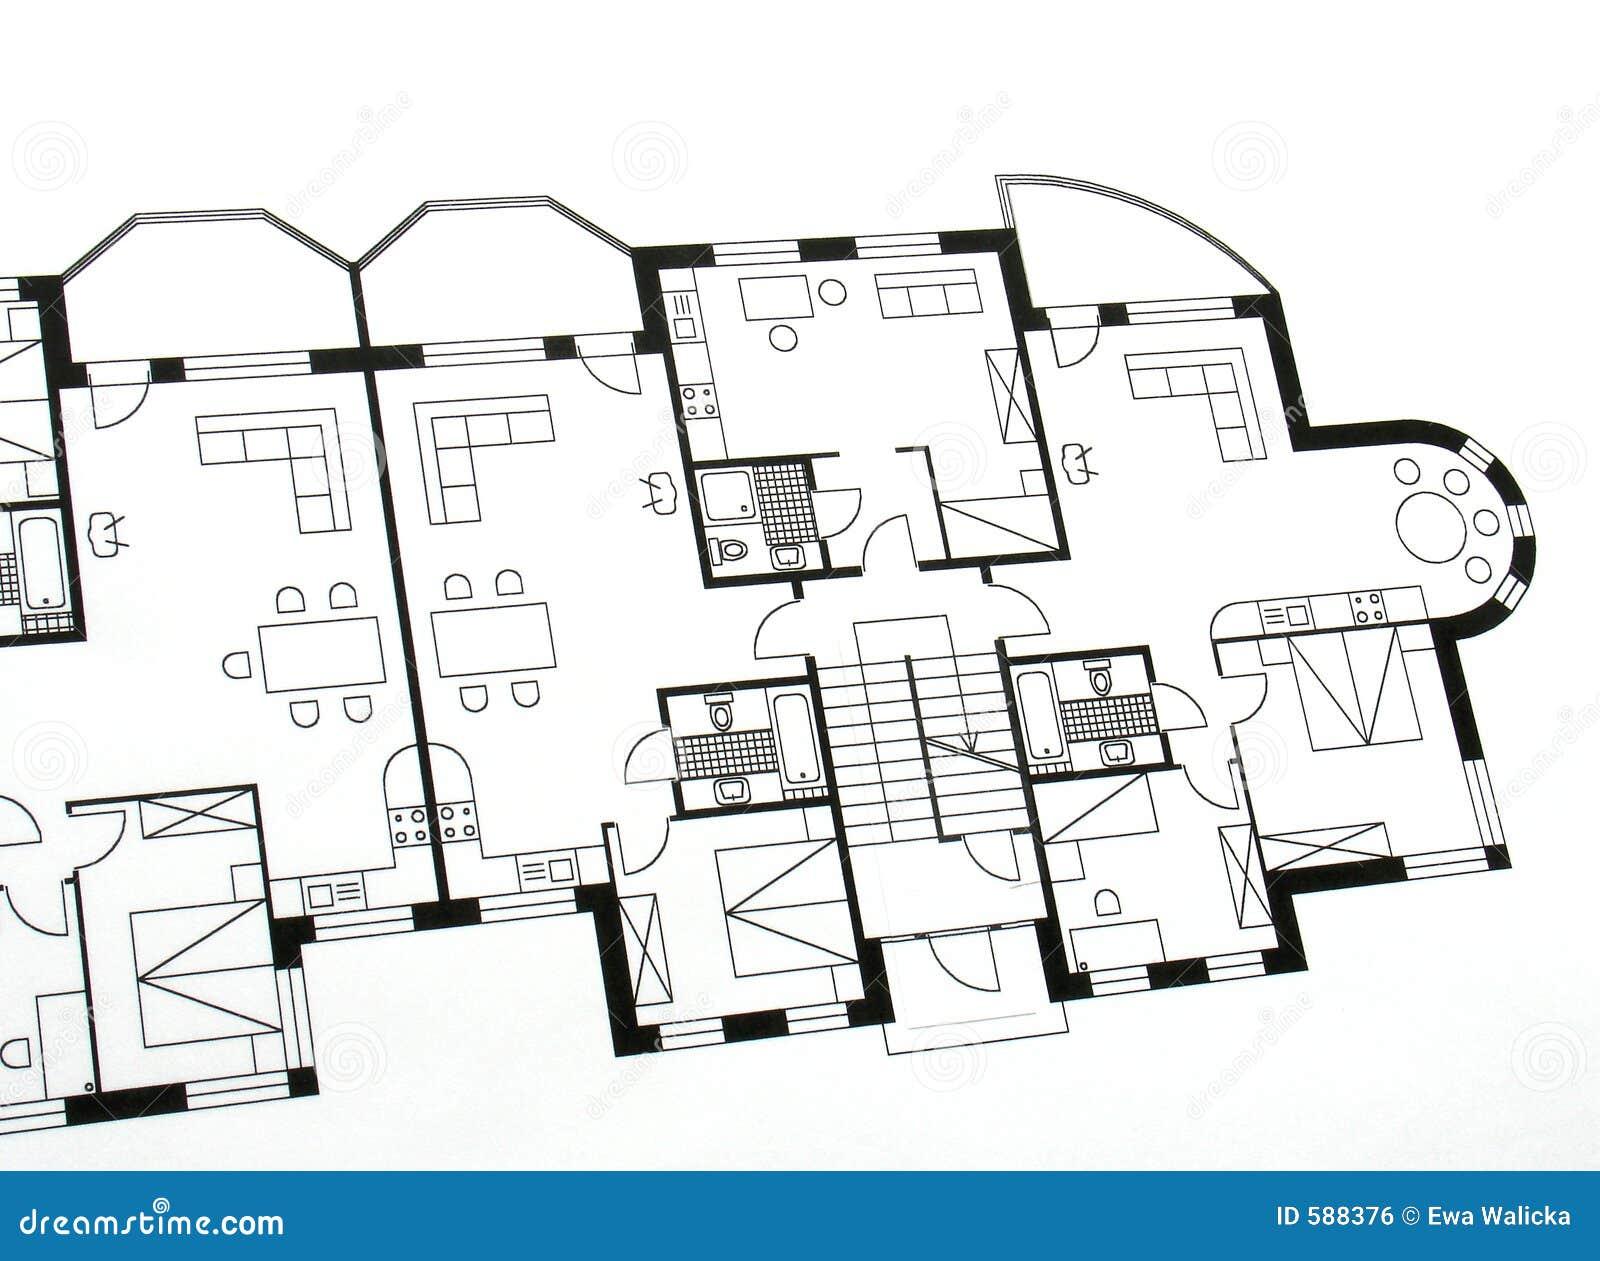 plan architectural image libre de droits image 588376. Black Bedroom Furniture Sets. Home Design Ideas